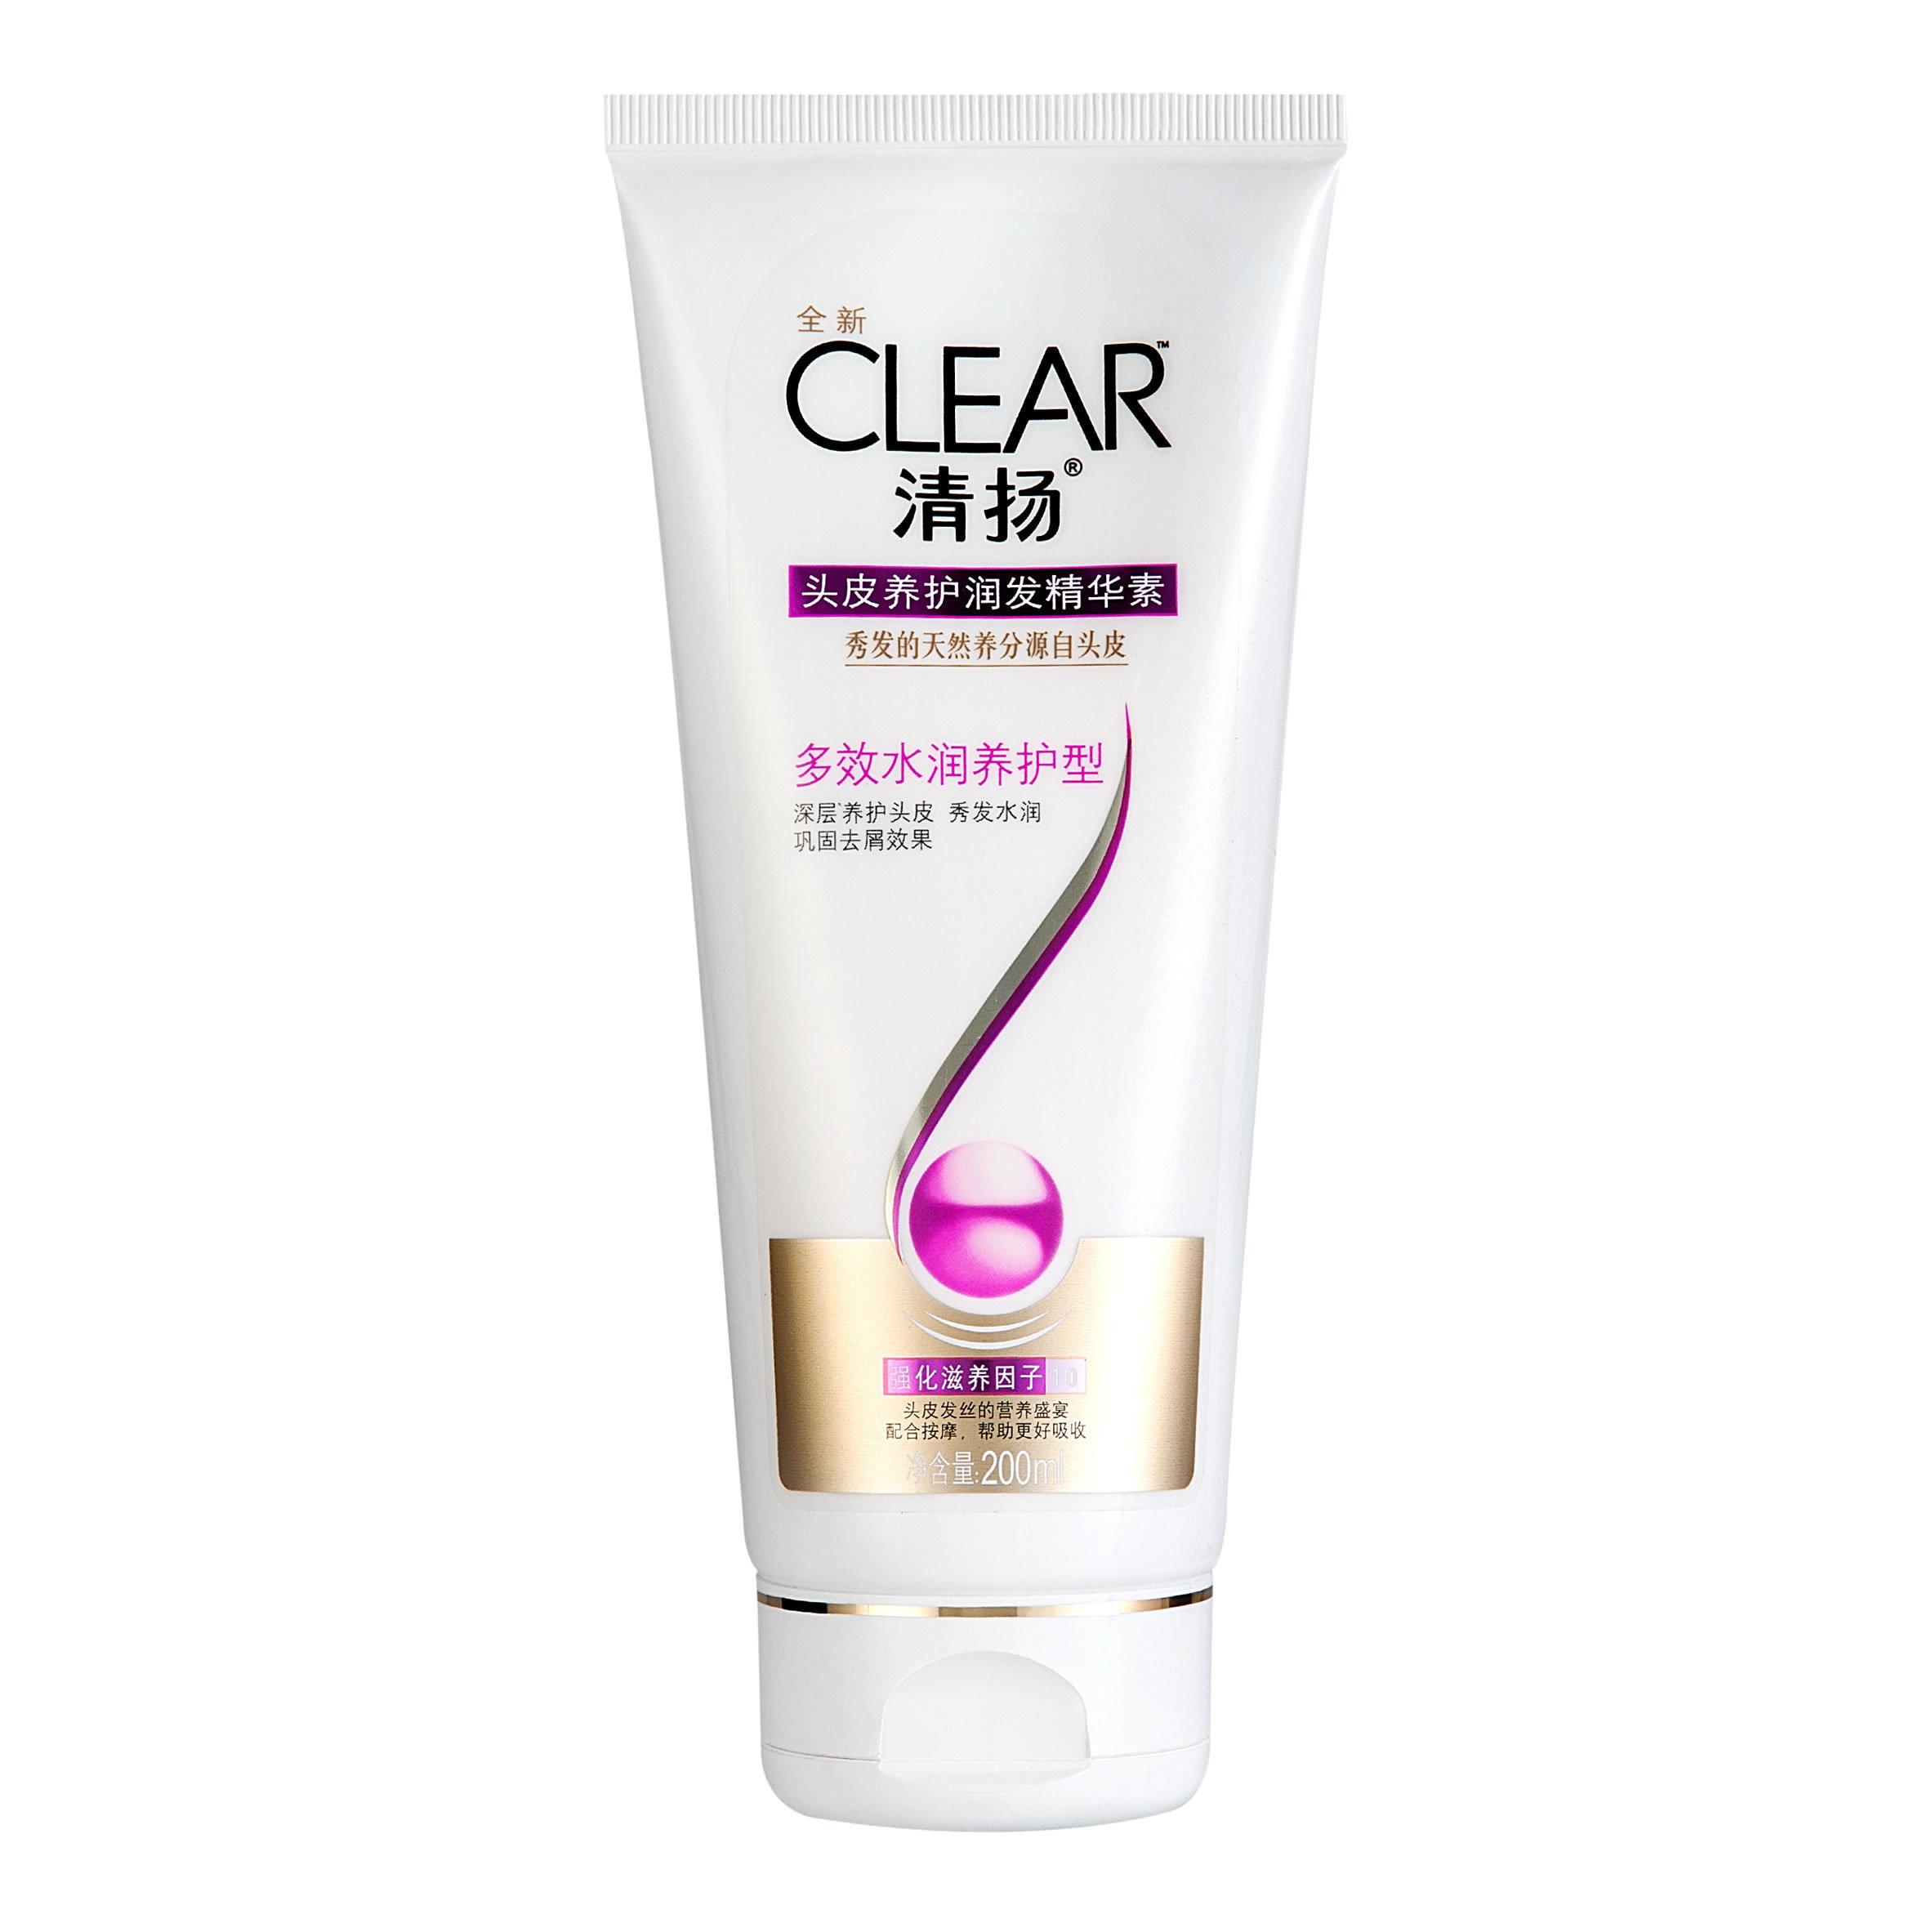 CLEAR 清揚 頭皮養護潤發精華素多效水潤養護型